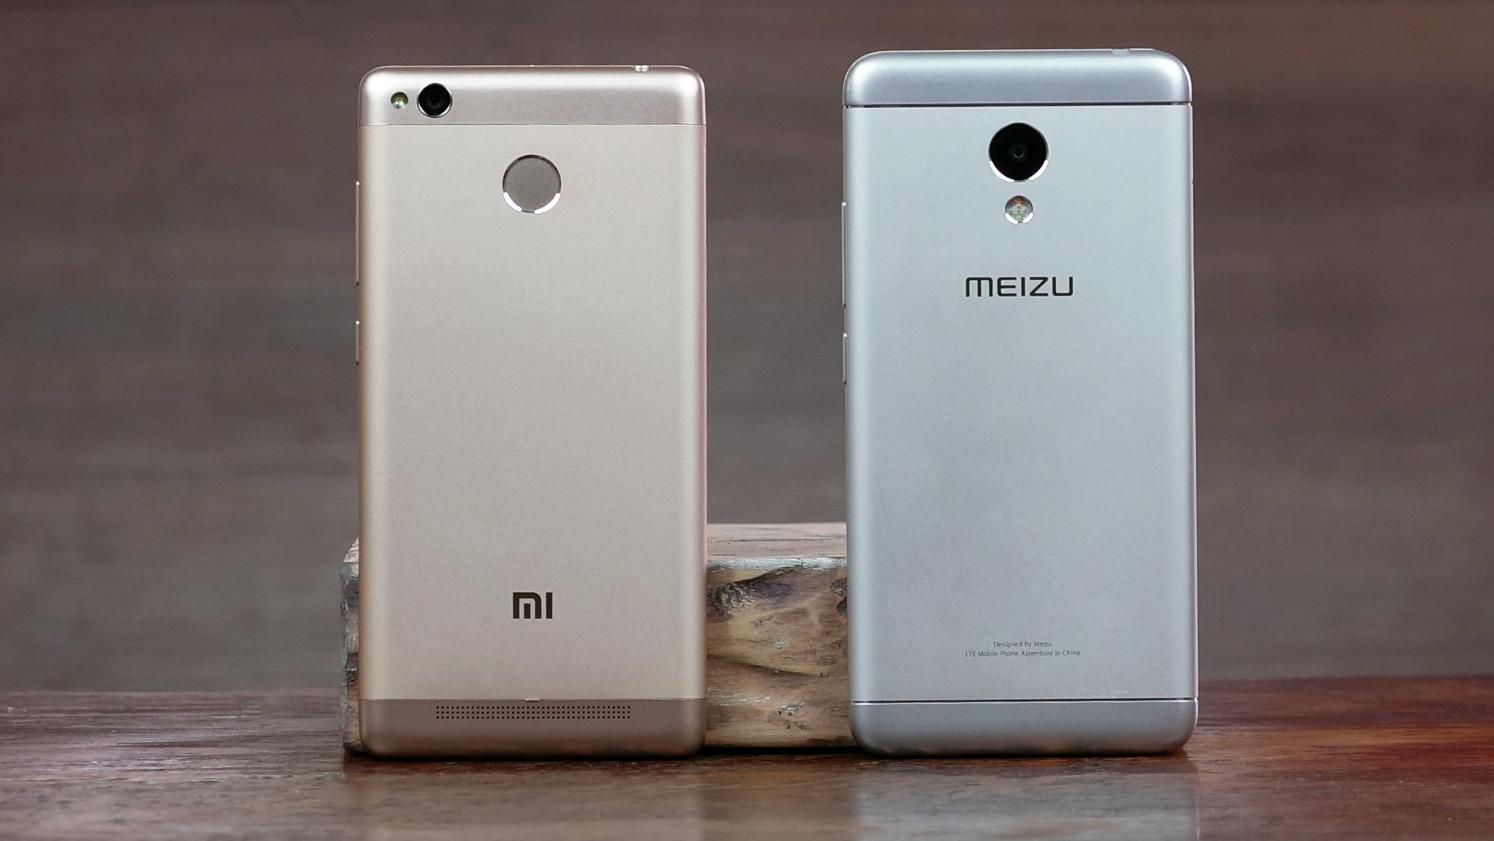 Рис. 1. Модели Xiaomi и Meizu похожи по параметрам, поэтому и являются конкурентами.